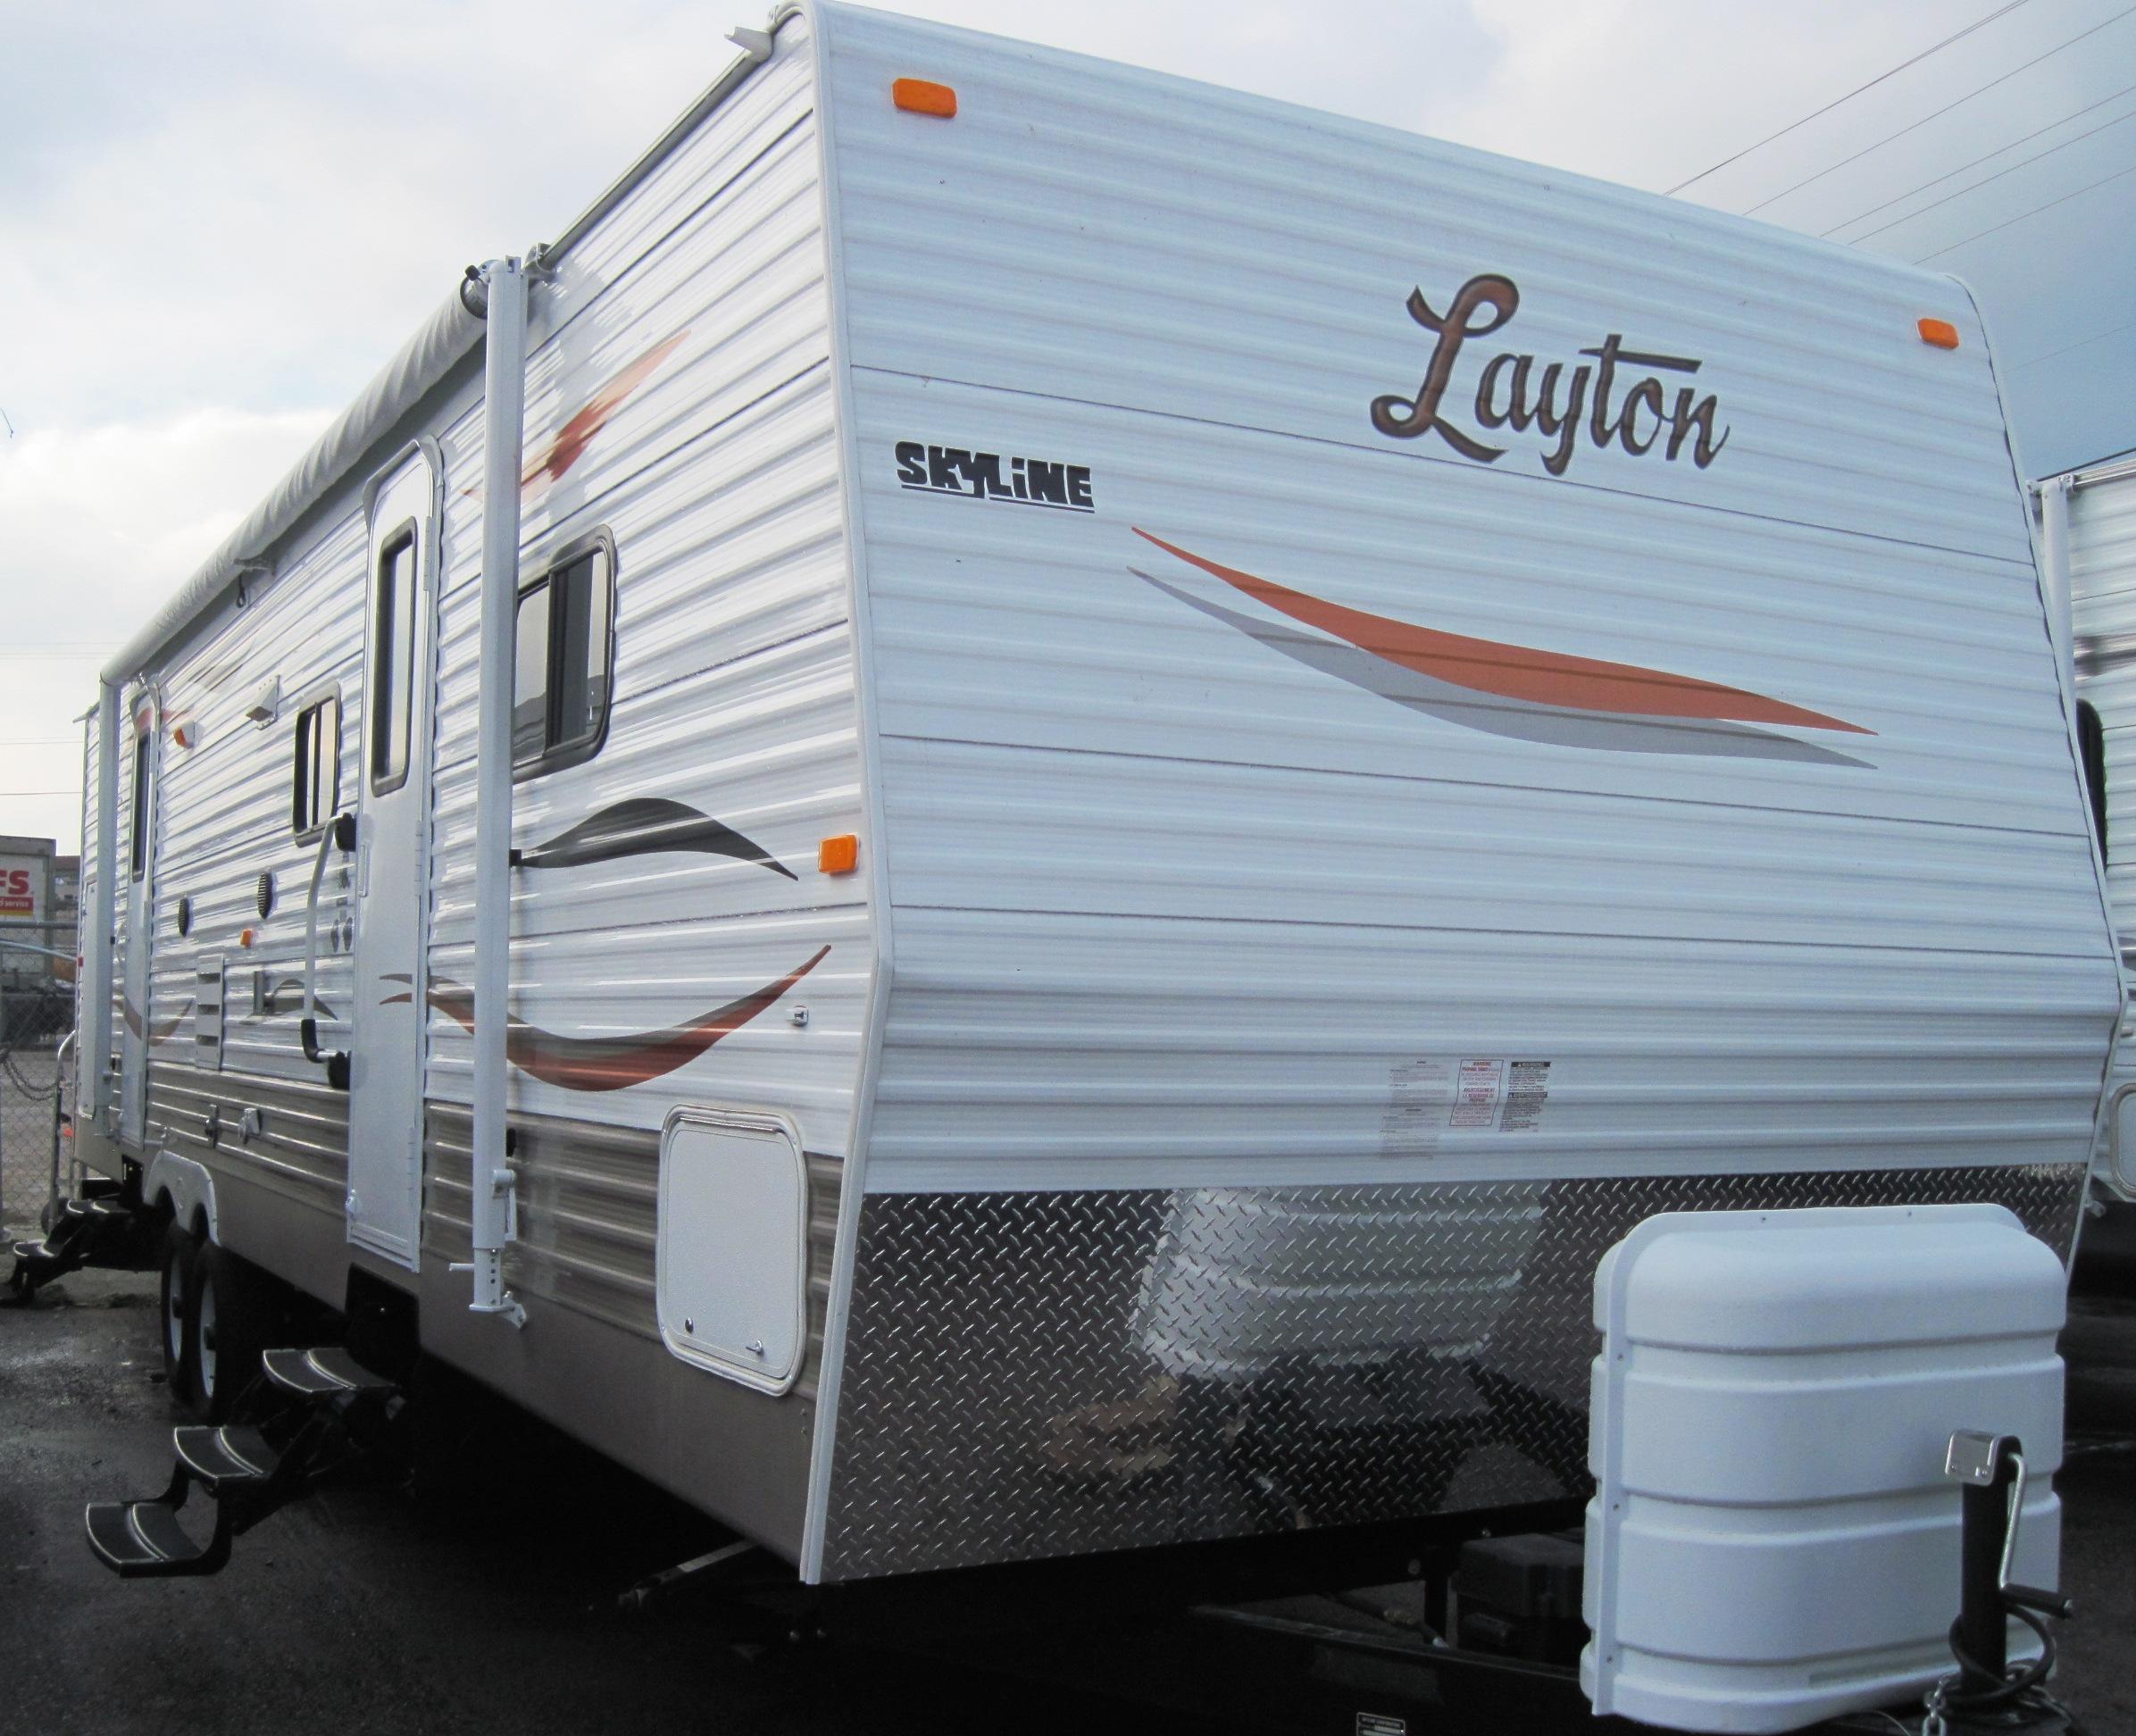 311 Layton, 2011 Vin# 0650 020